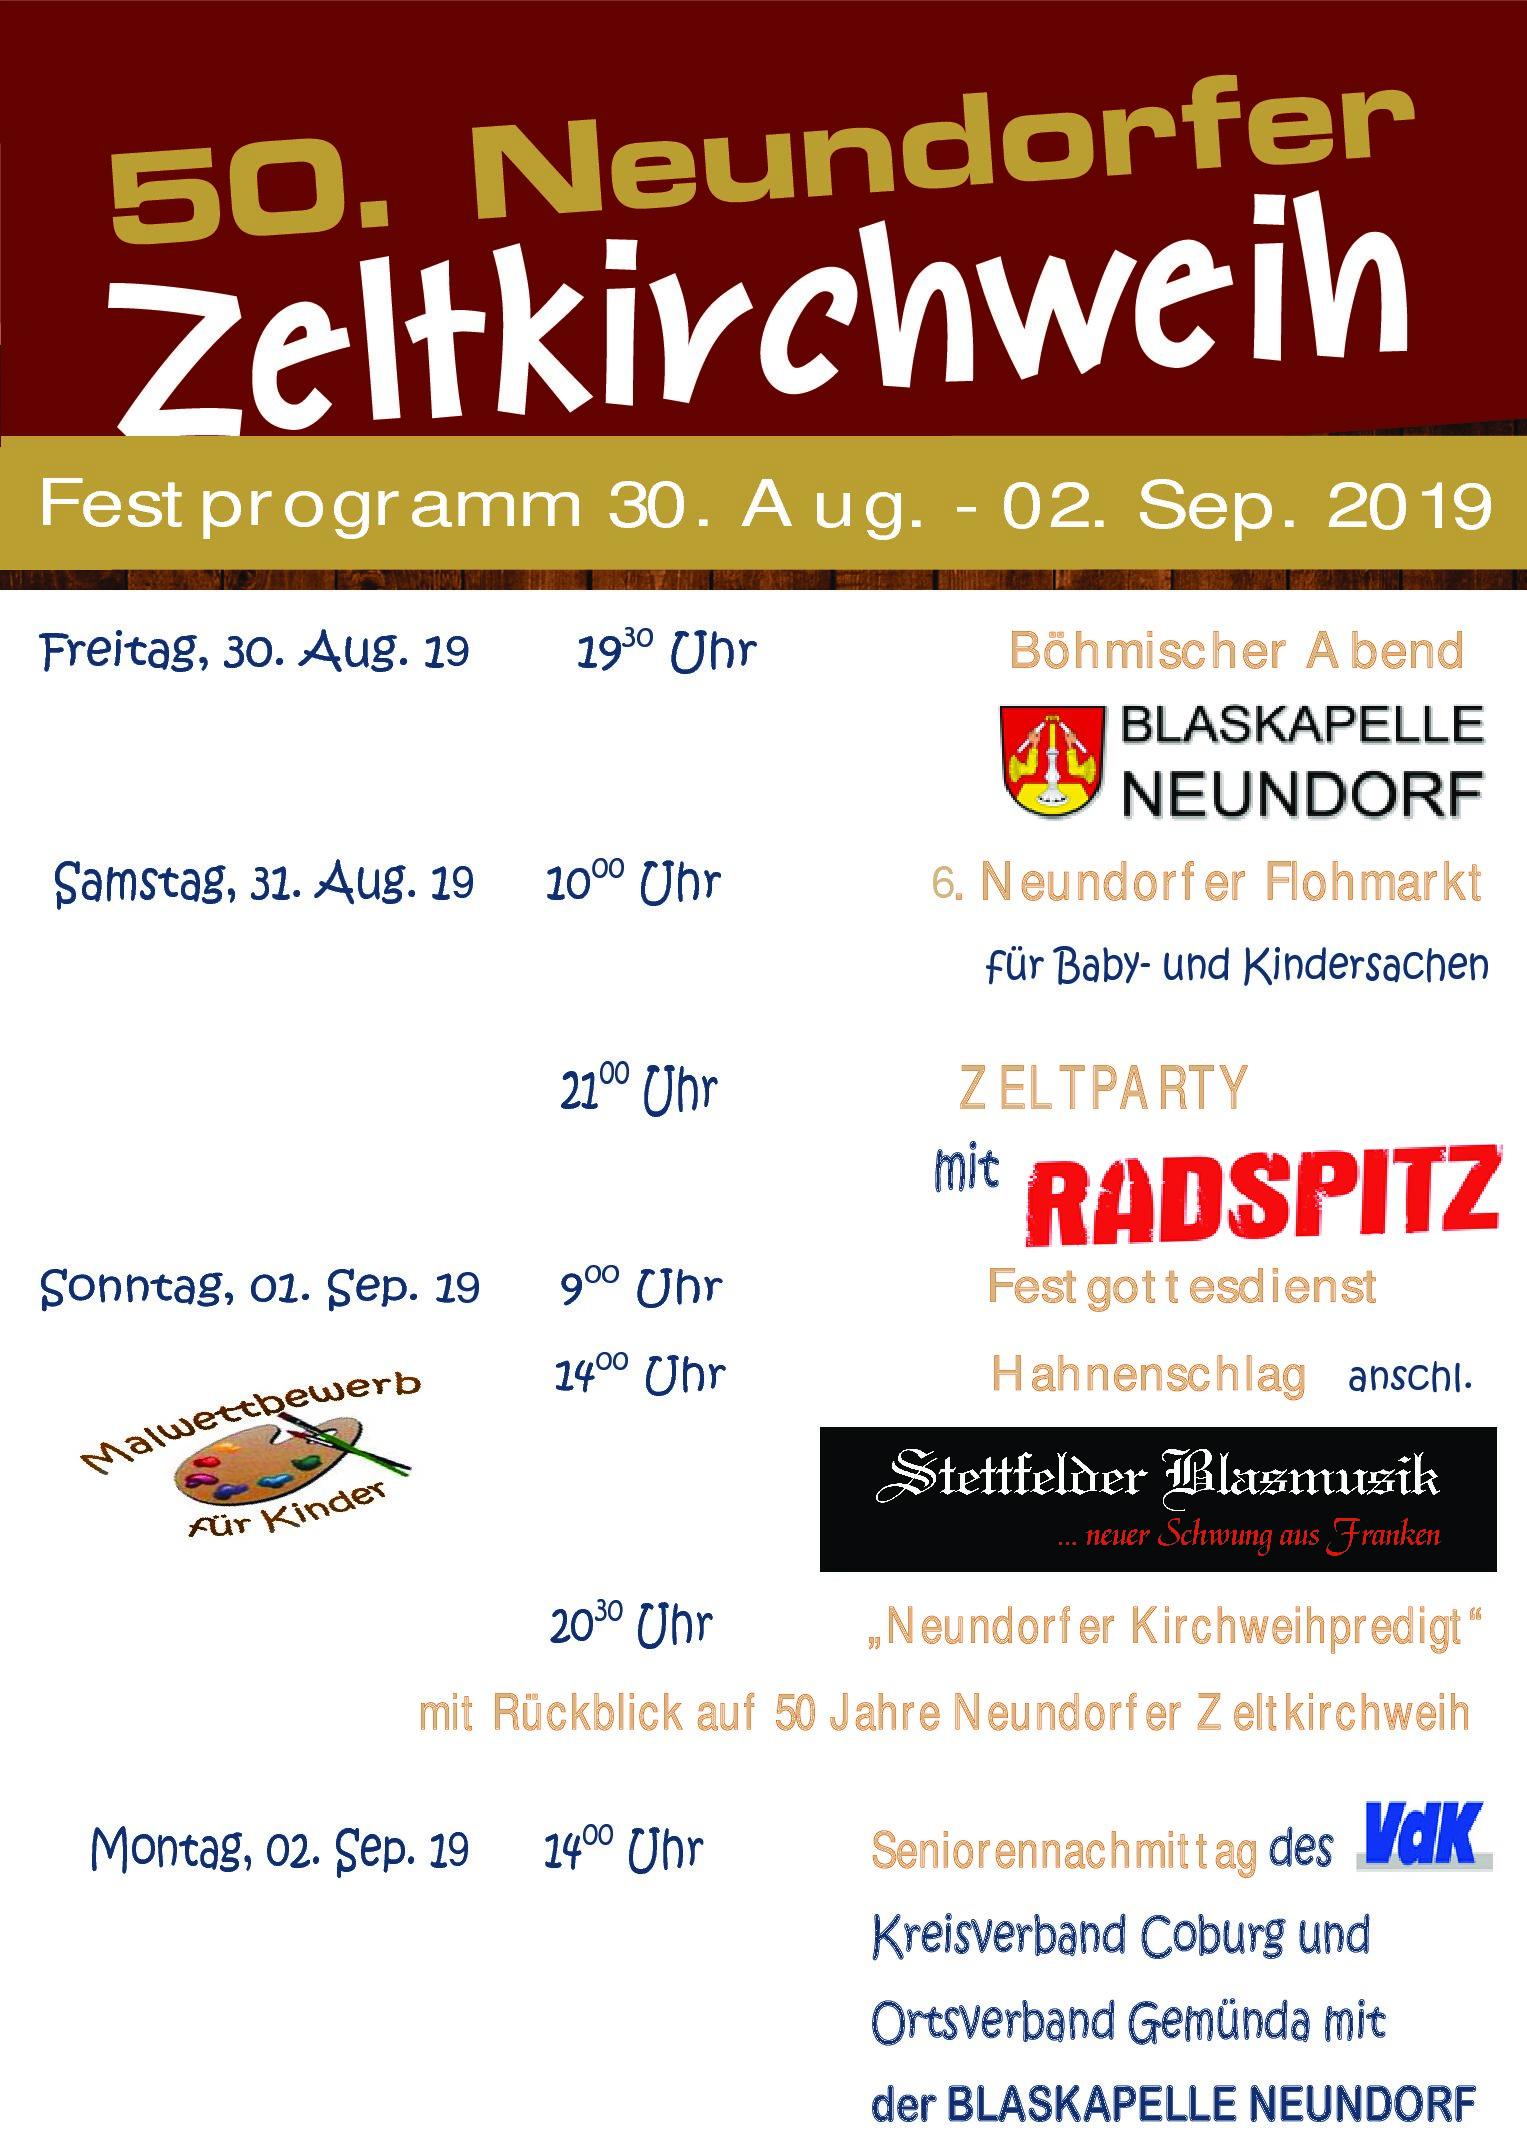 https://weitramsdorf.de/wp-content/uploads/2019/06/Plakat-Festprogramm-6-pdf.jpg